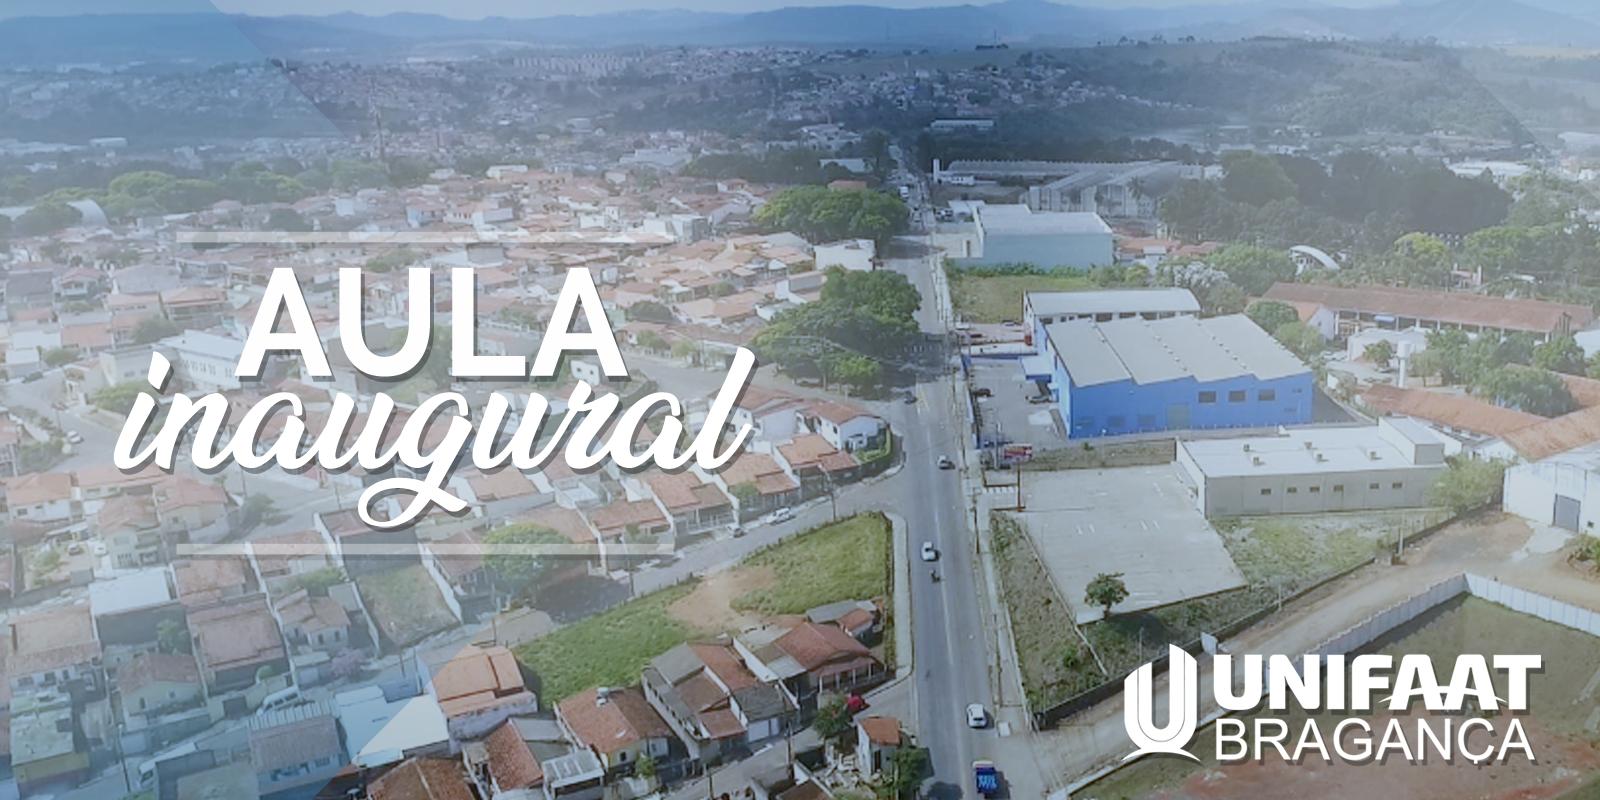 UNIFAAT Bragança anuncia o início das aulas de 2020